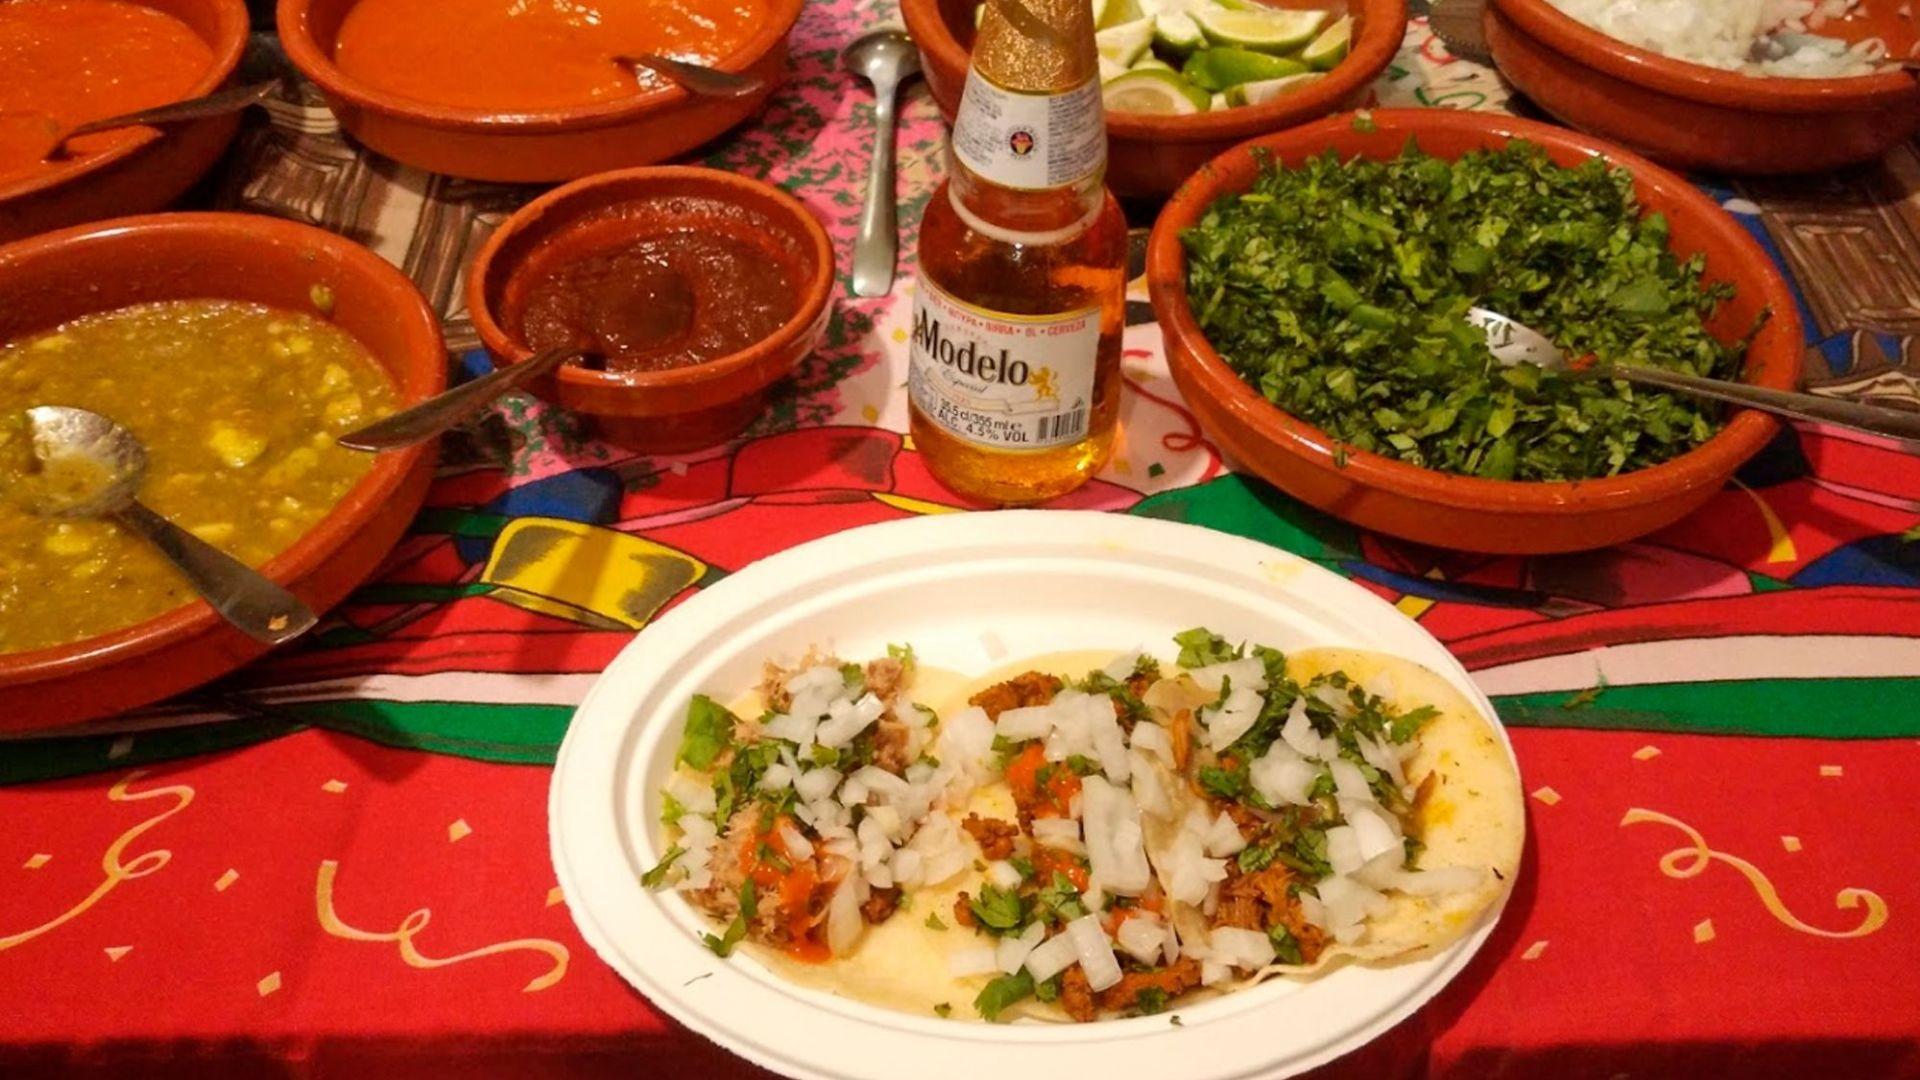 Comida mexicana en Sevilla